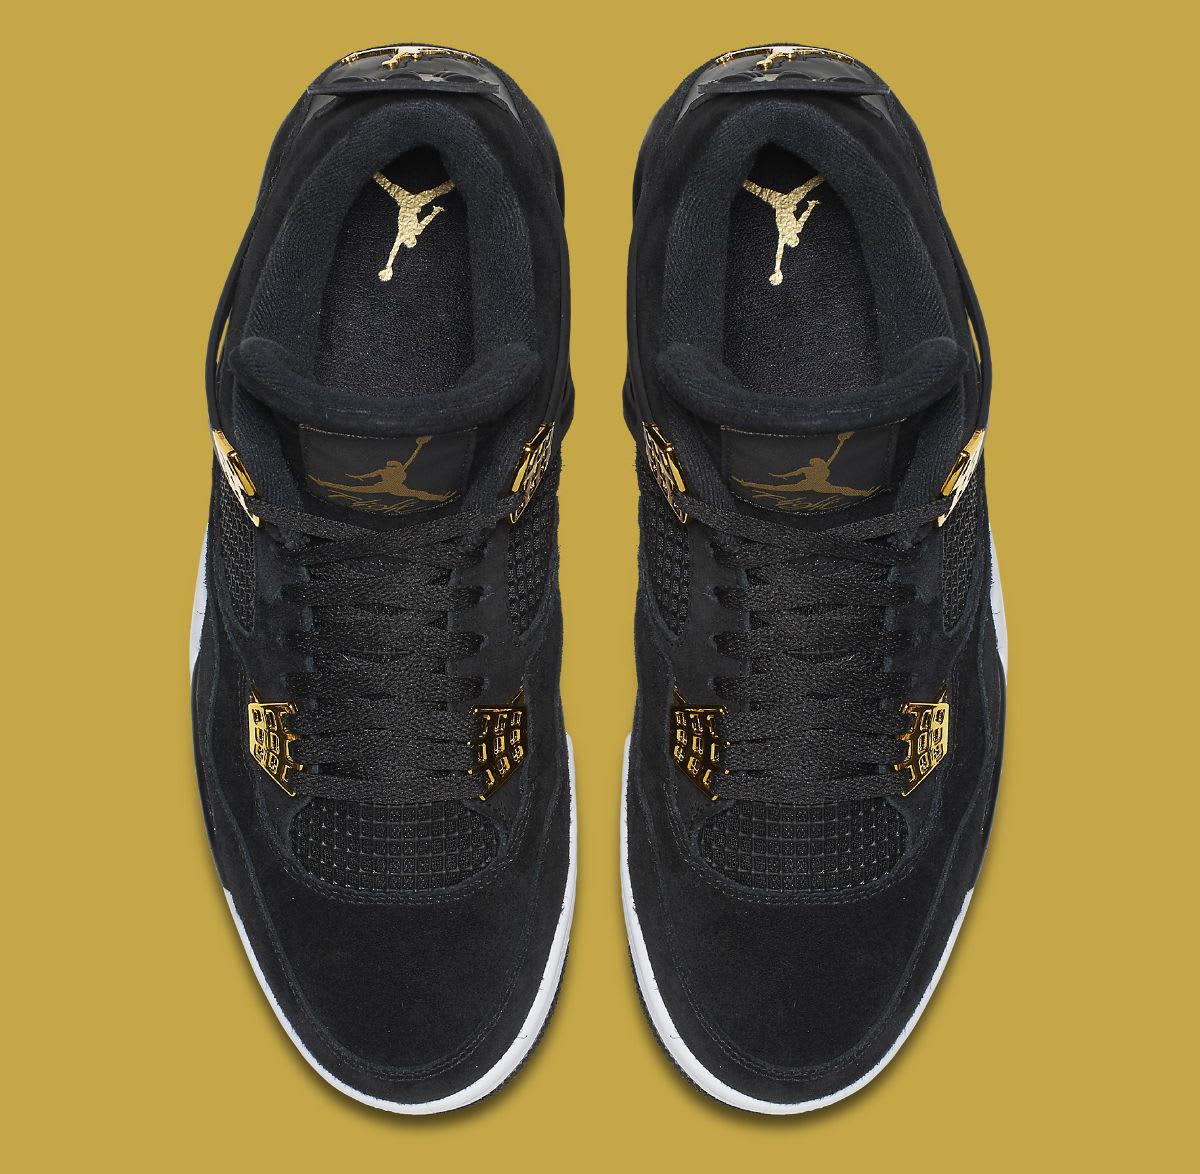 Air Jordan 4 Royalty Release Date Top 308497-032